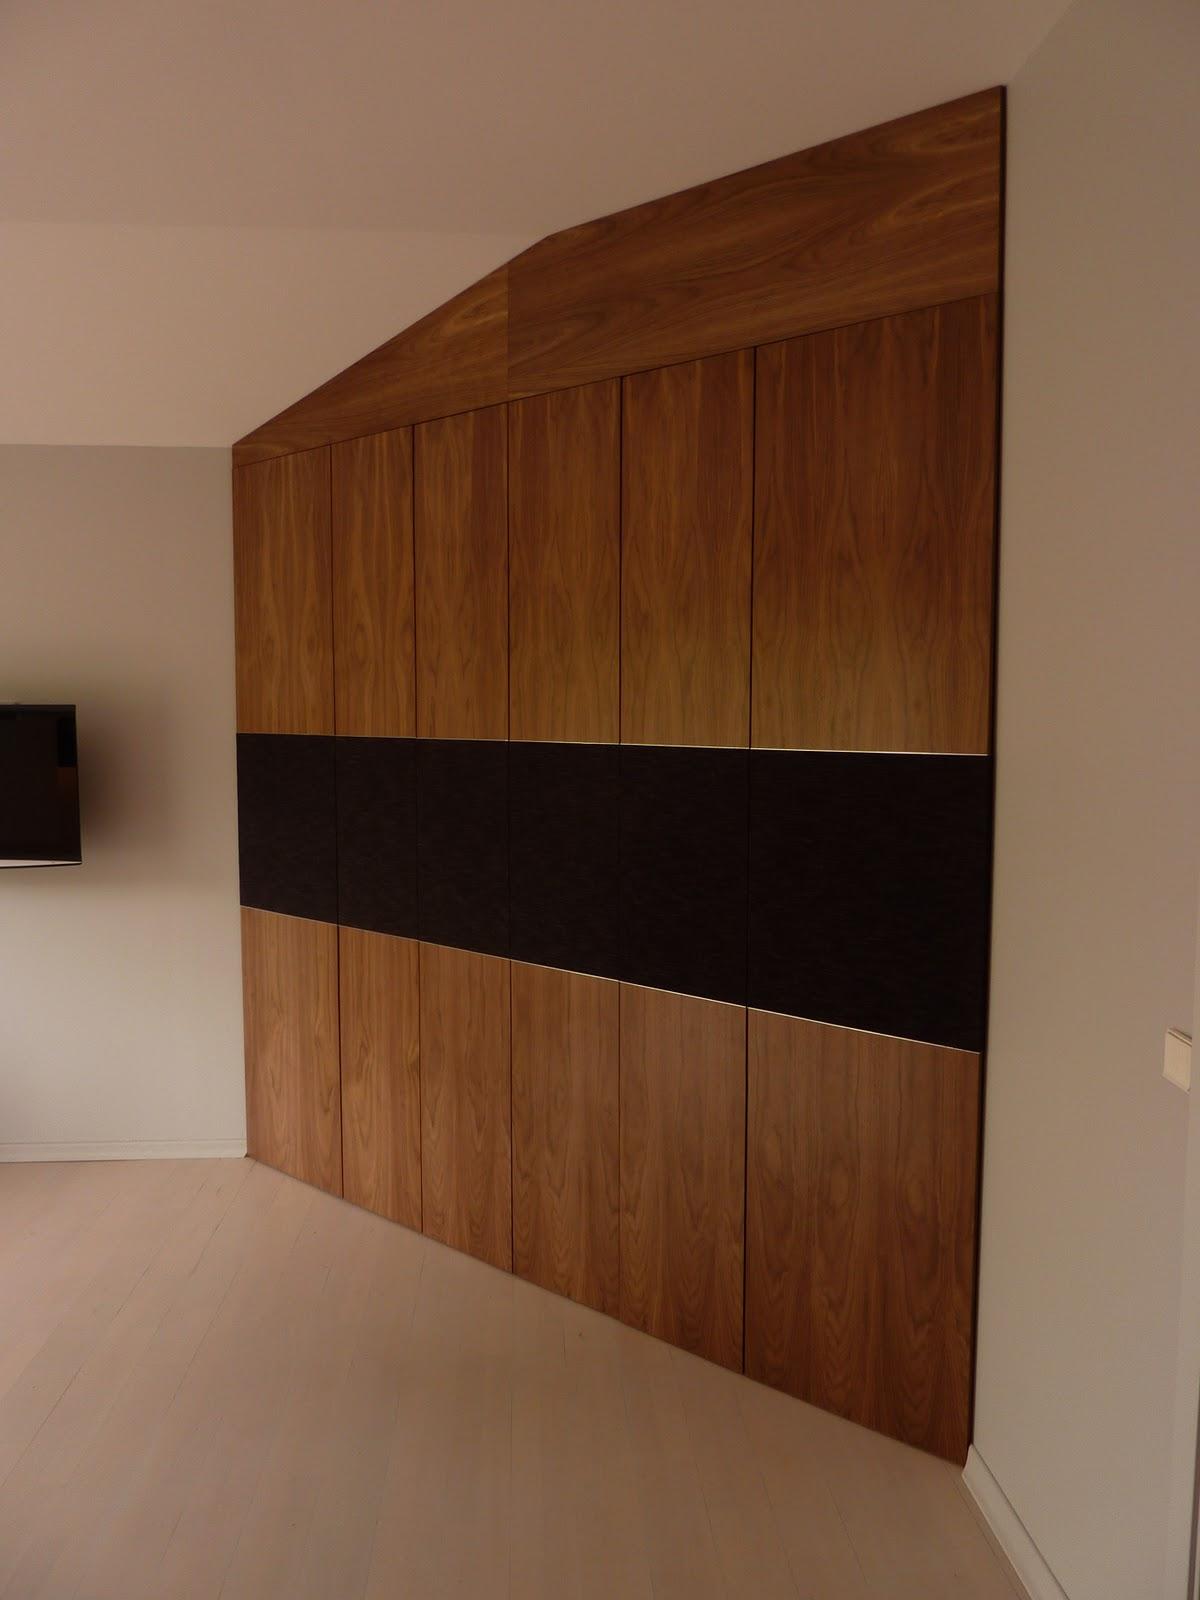 habillage mural bois free revetement mural bois mur en bois decoratif lambris cozy vintage. Black Bedroom Furniture Sets. Home Design Ideas